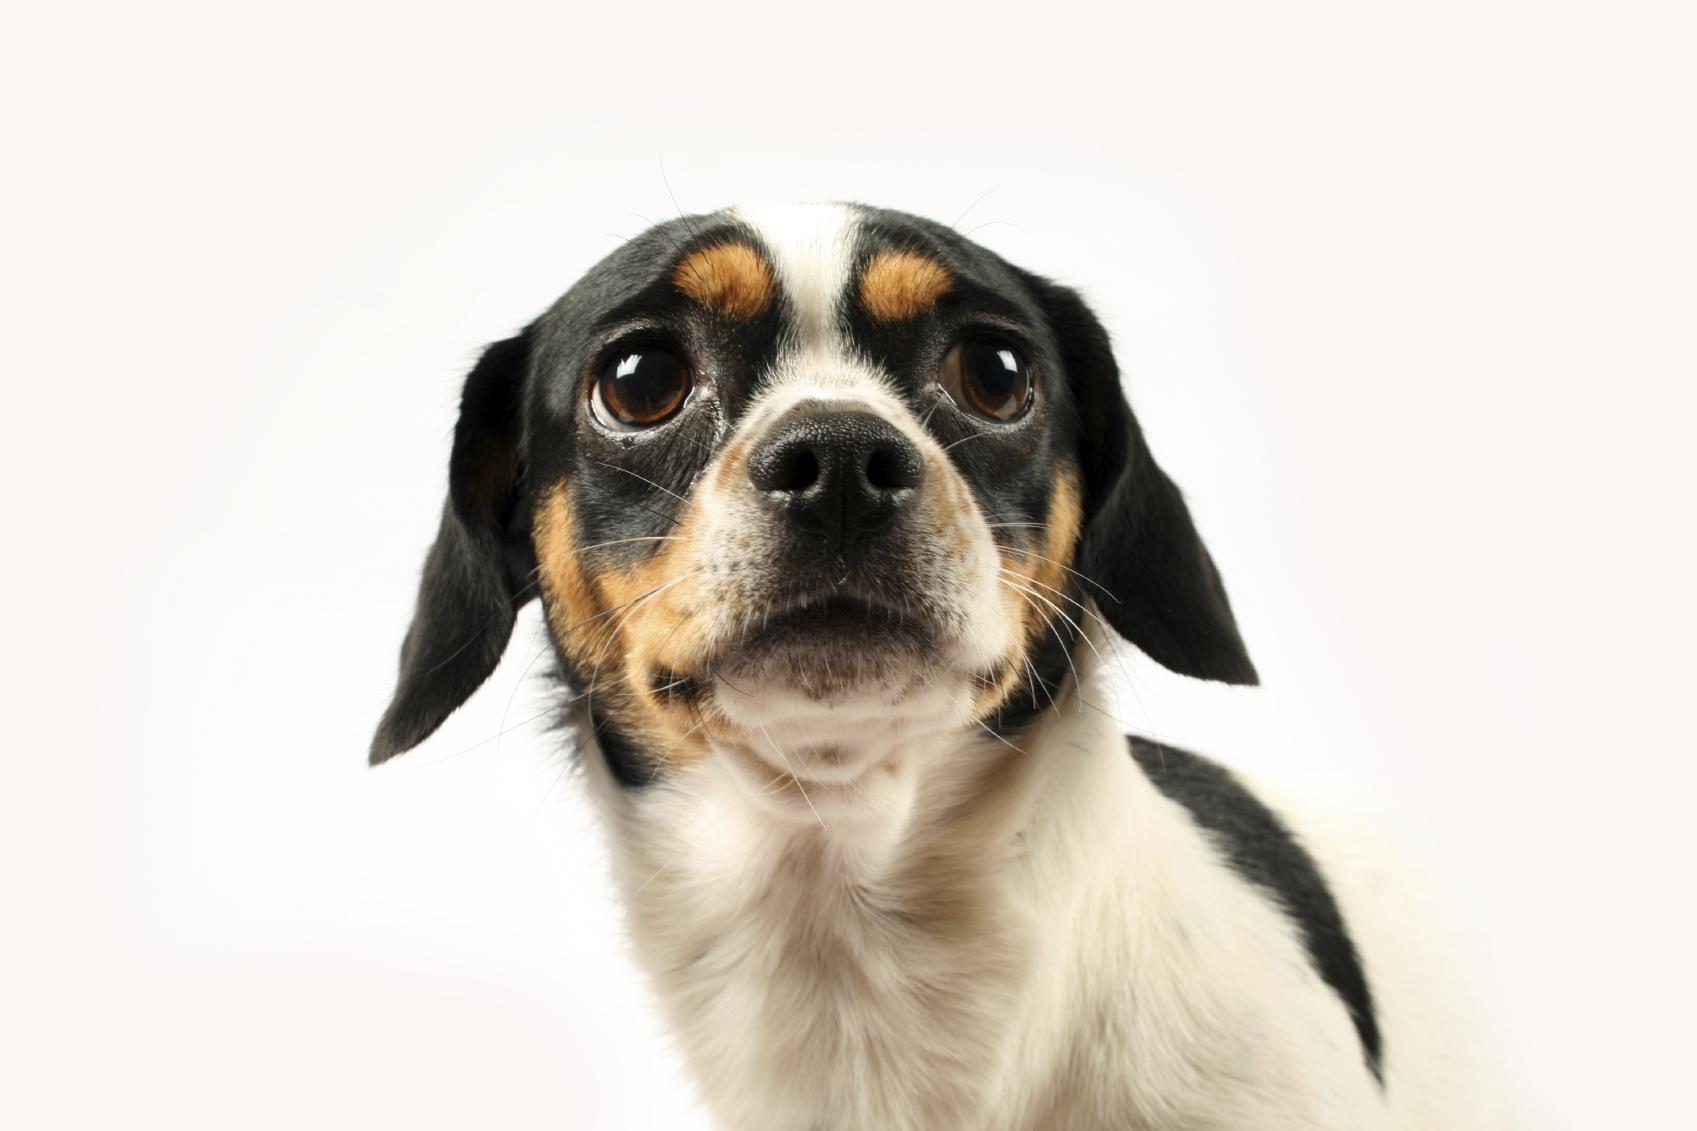 Lire la suite: Entretien des yeux du chien